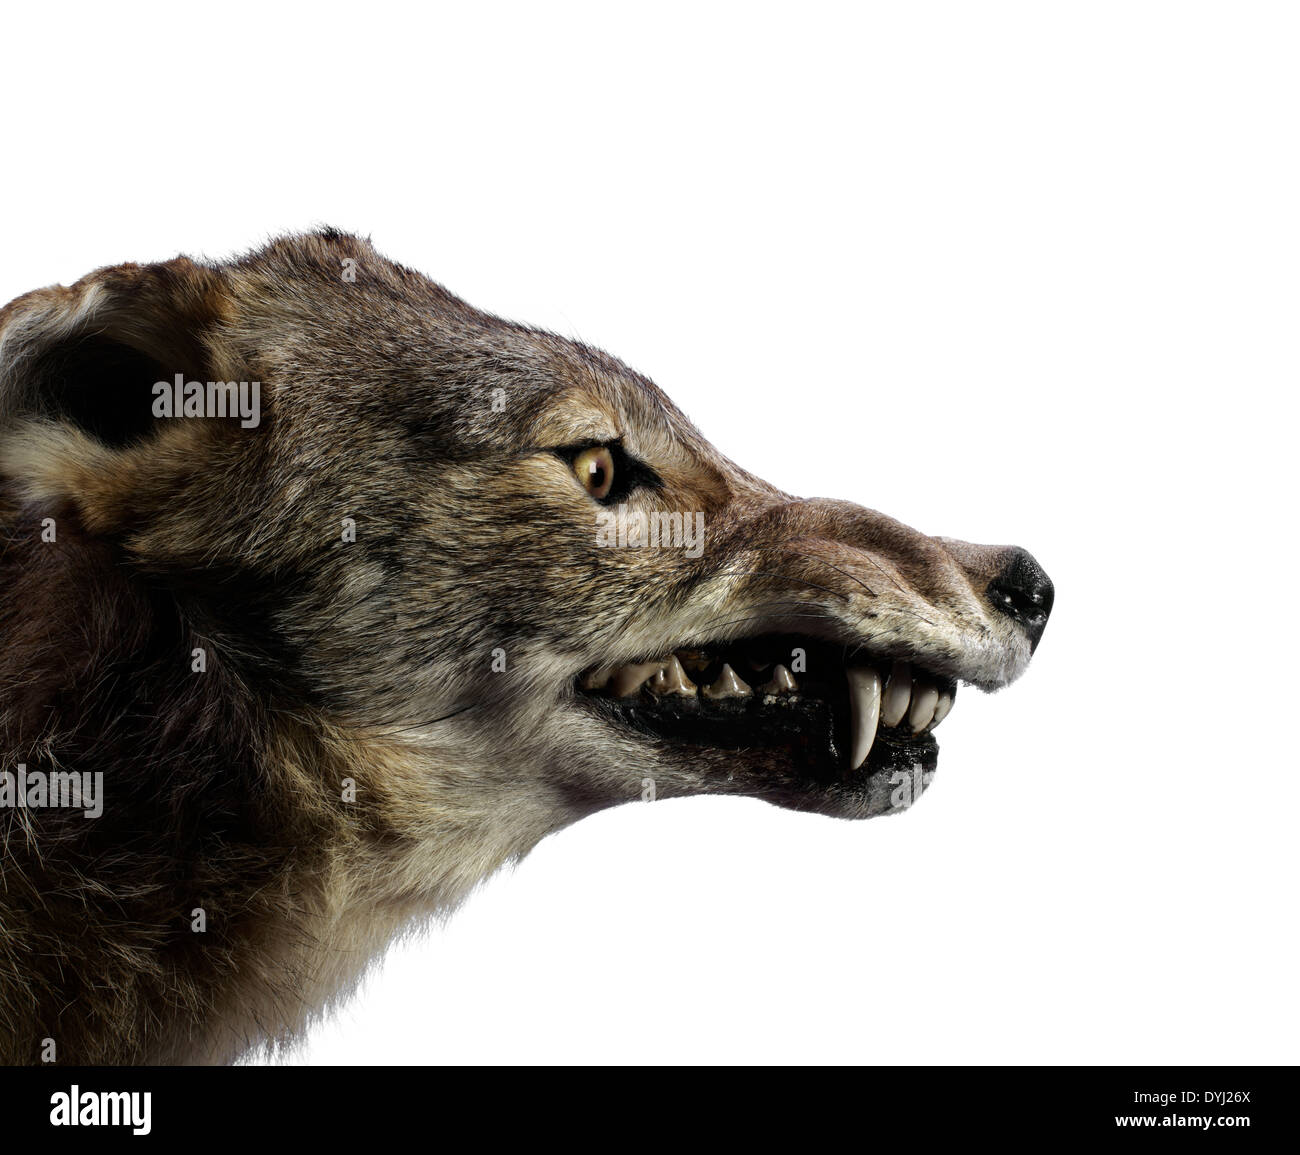 Studio shot di un lupo ringhiando Immagini Stock